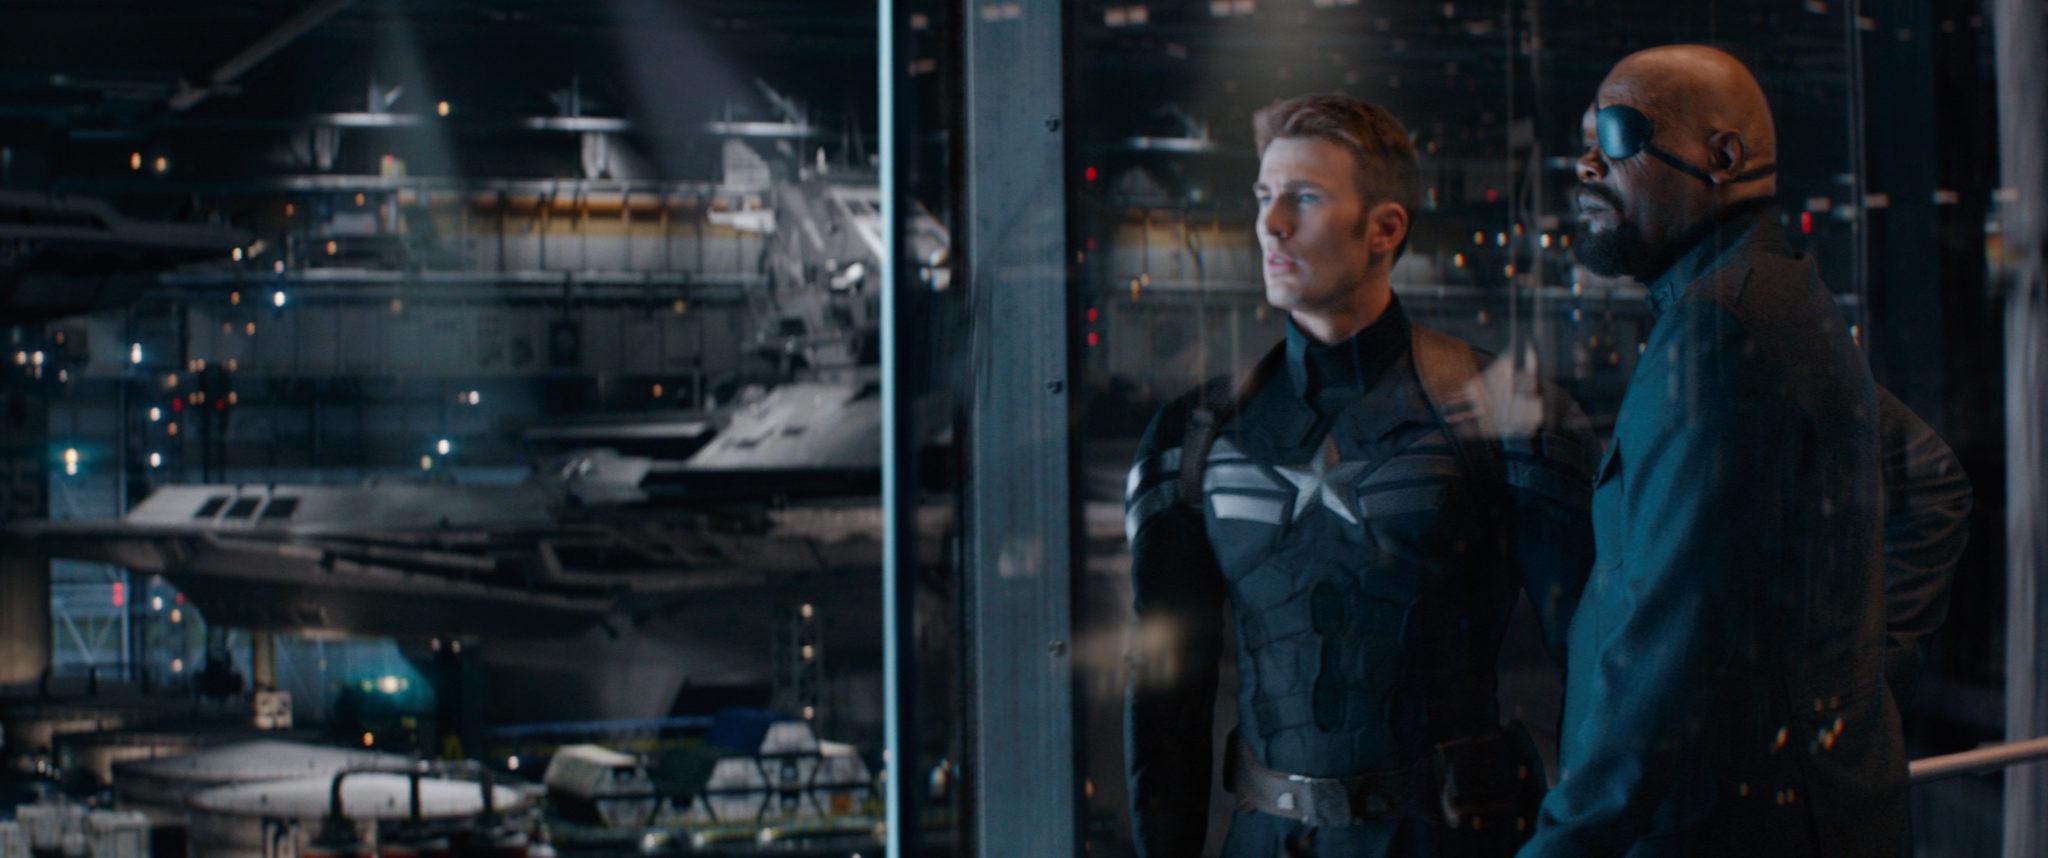 Cap, Nick Fury